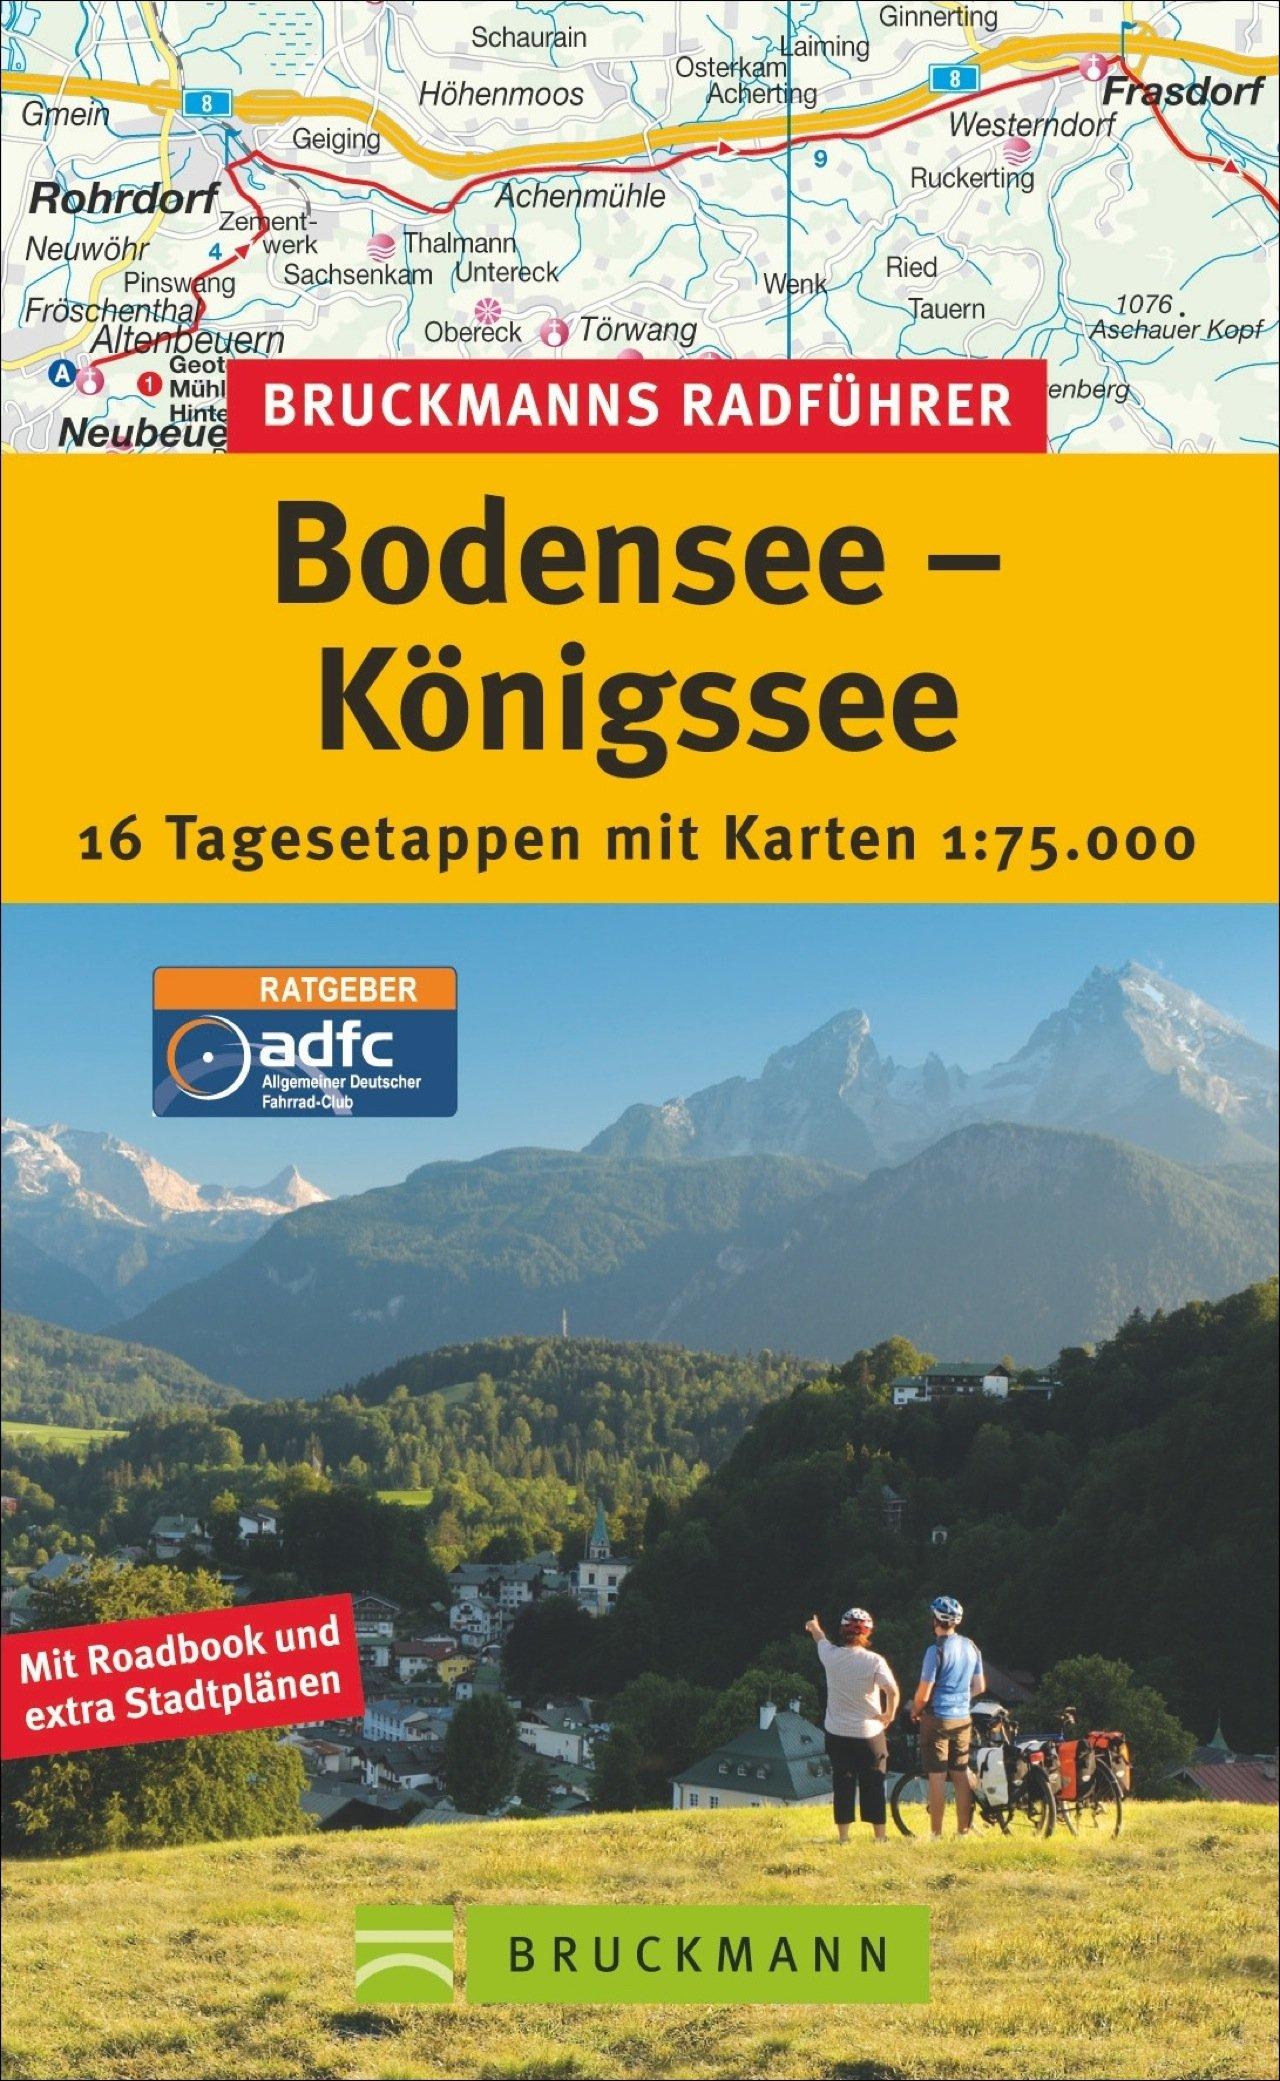 Radfuhrer Bodenseekonigsee 16 Tagesetappen Mit Karten 1 75 000